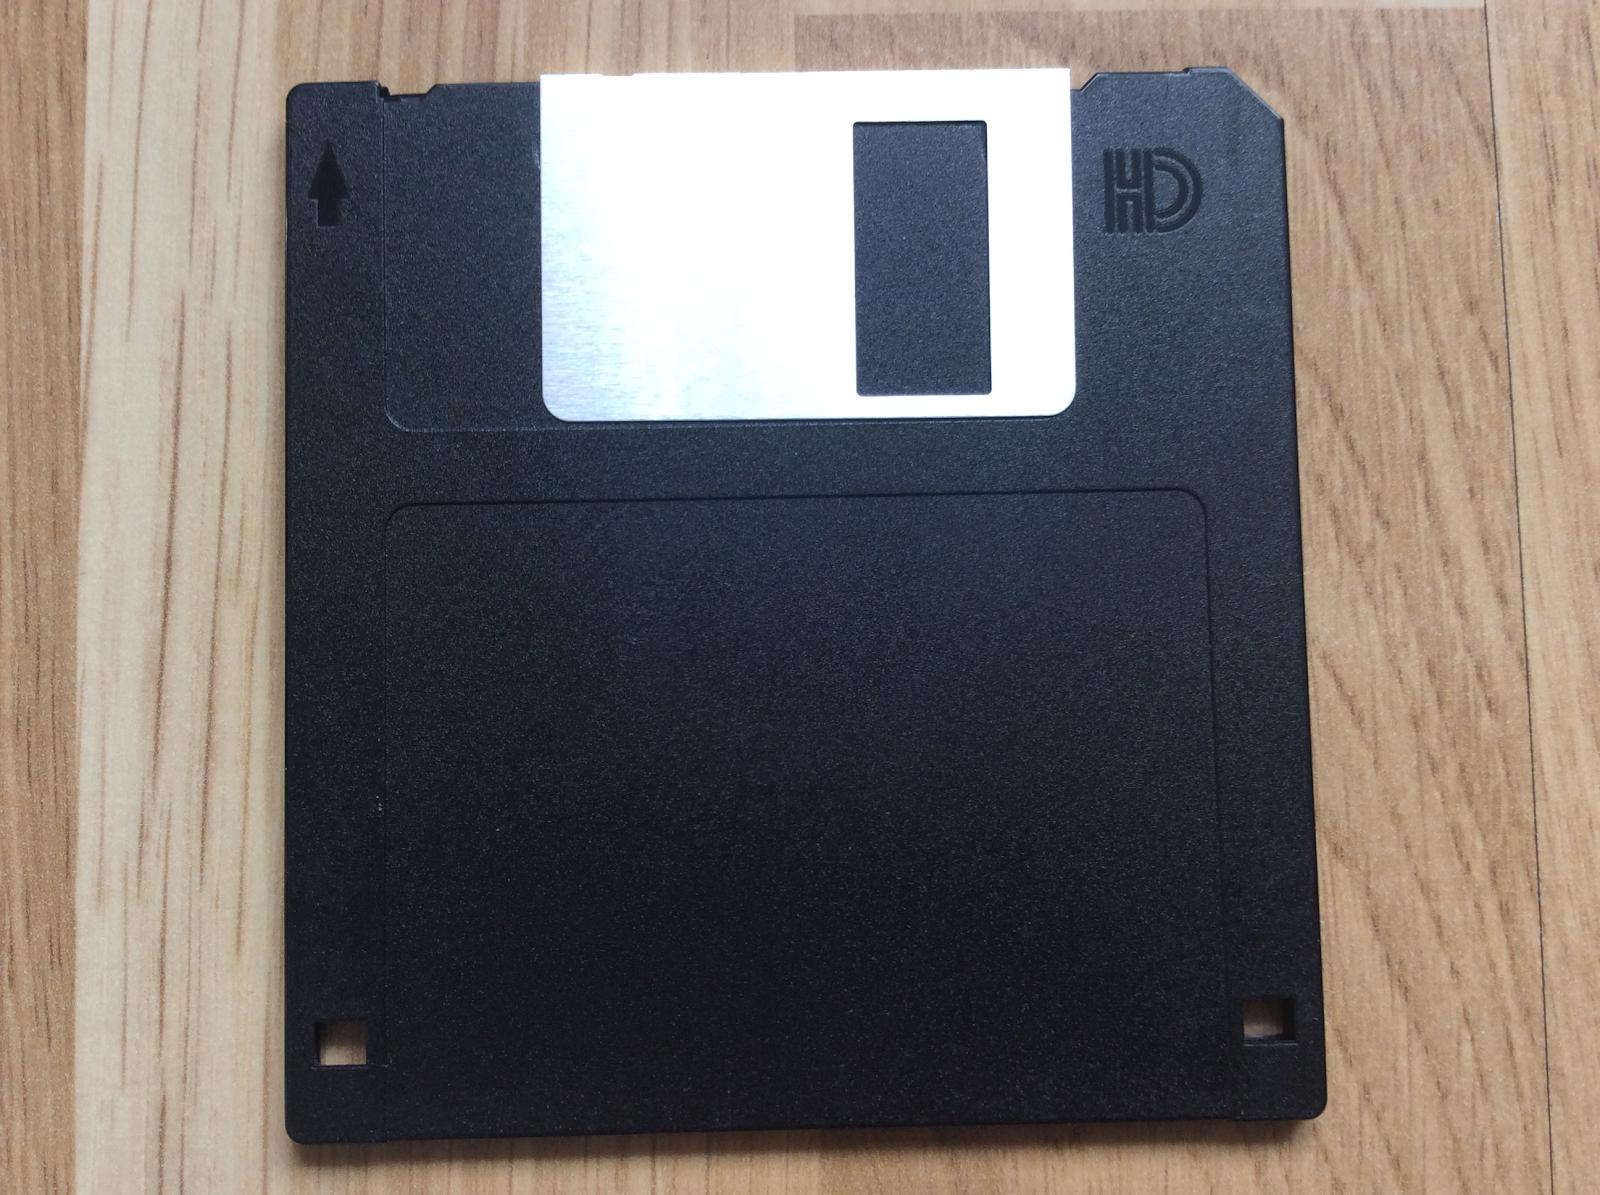 a black hard disk